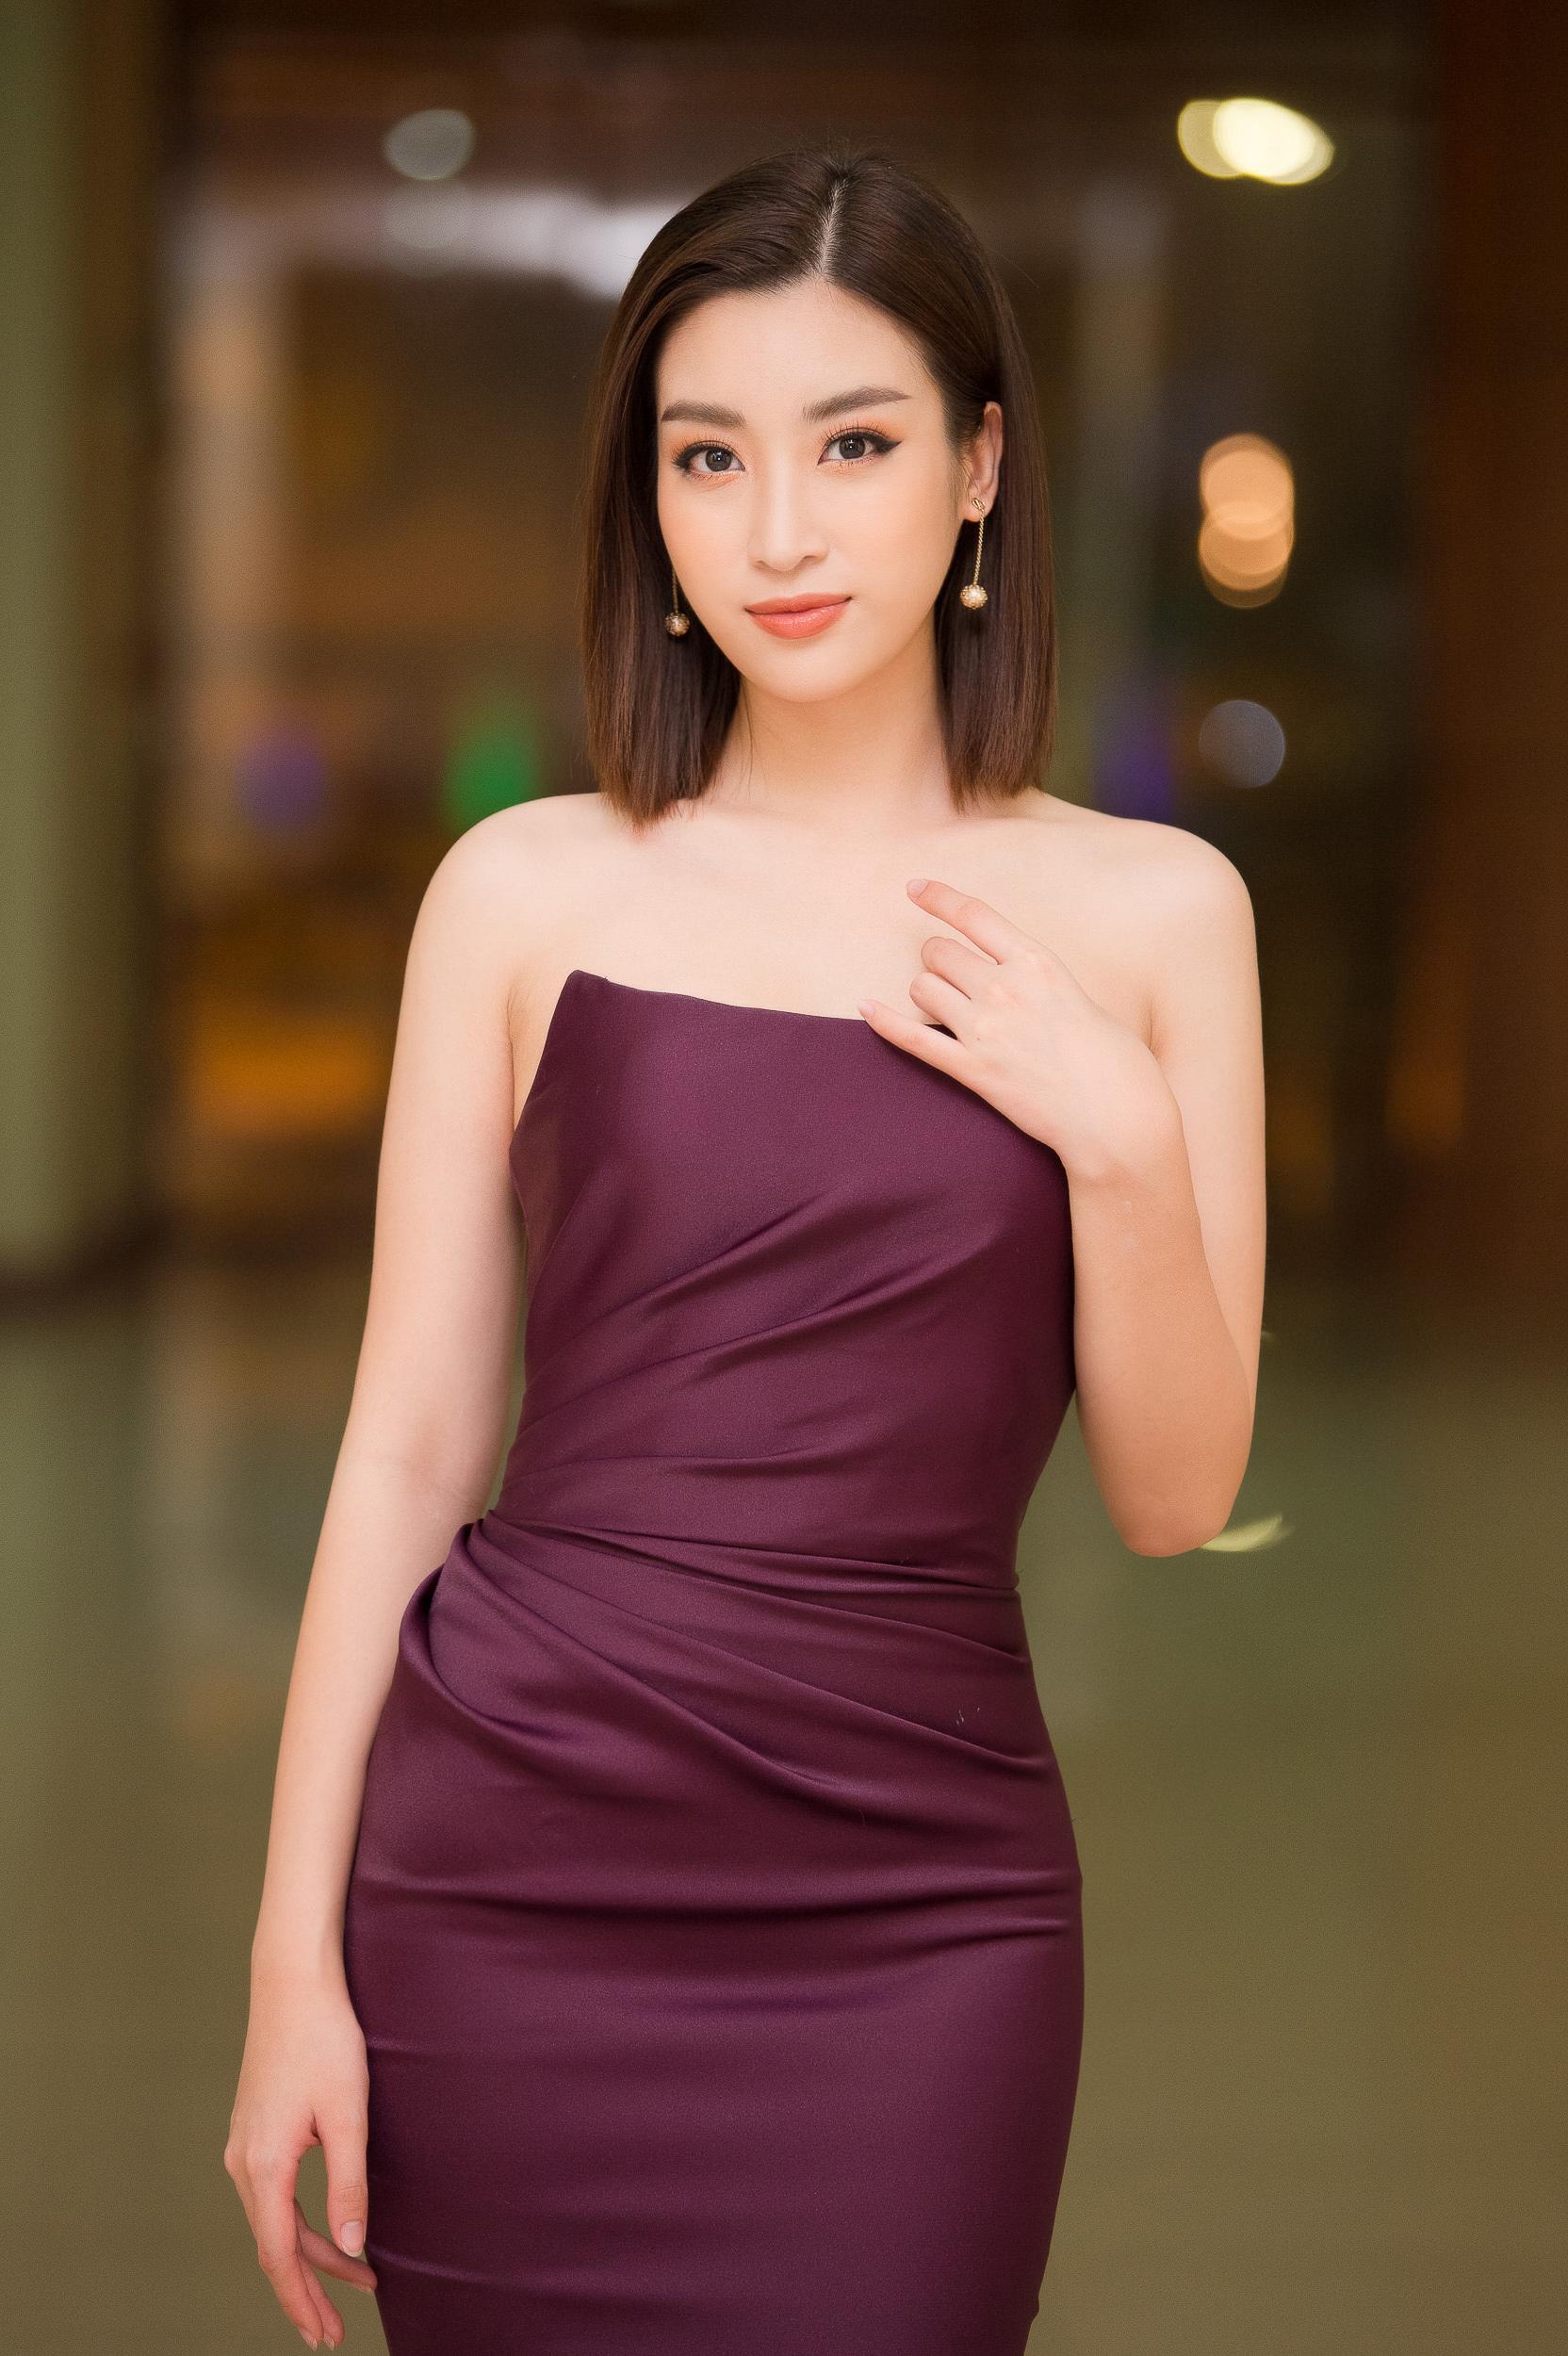 Hoa hậu Đỗ Mỹ Linh mê hoặc mọi ánh nhìn nhờ body như nữ thần và nhan sắc tinh khiết Ảnh 2